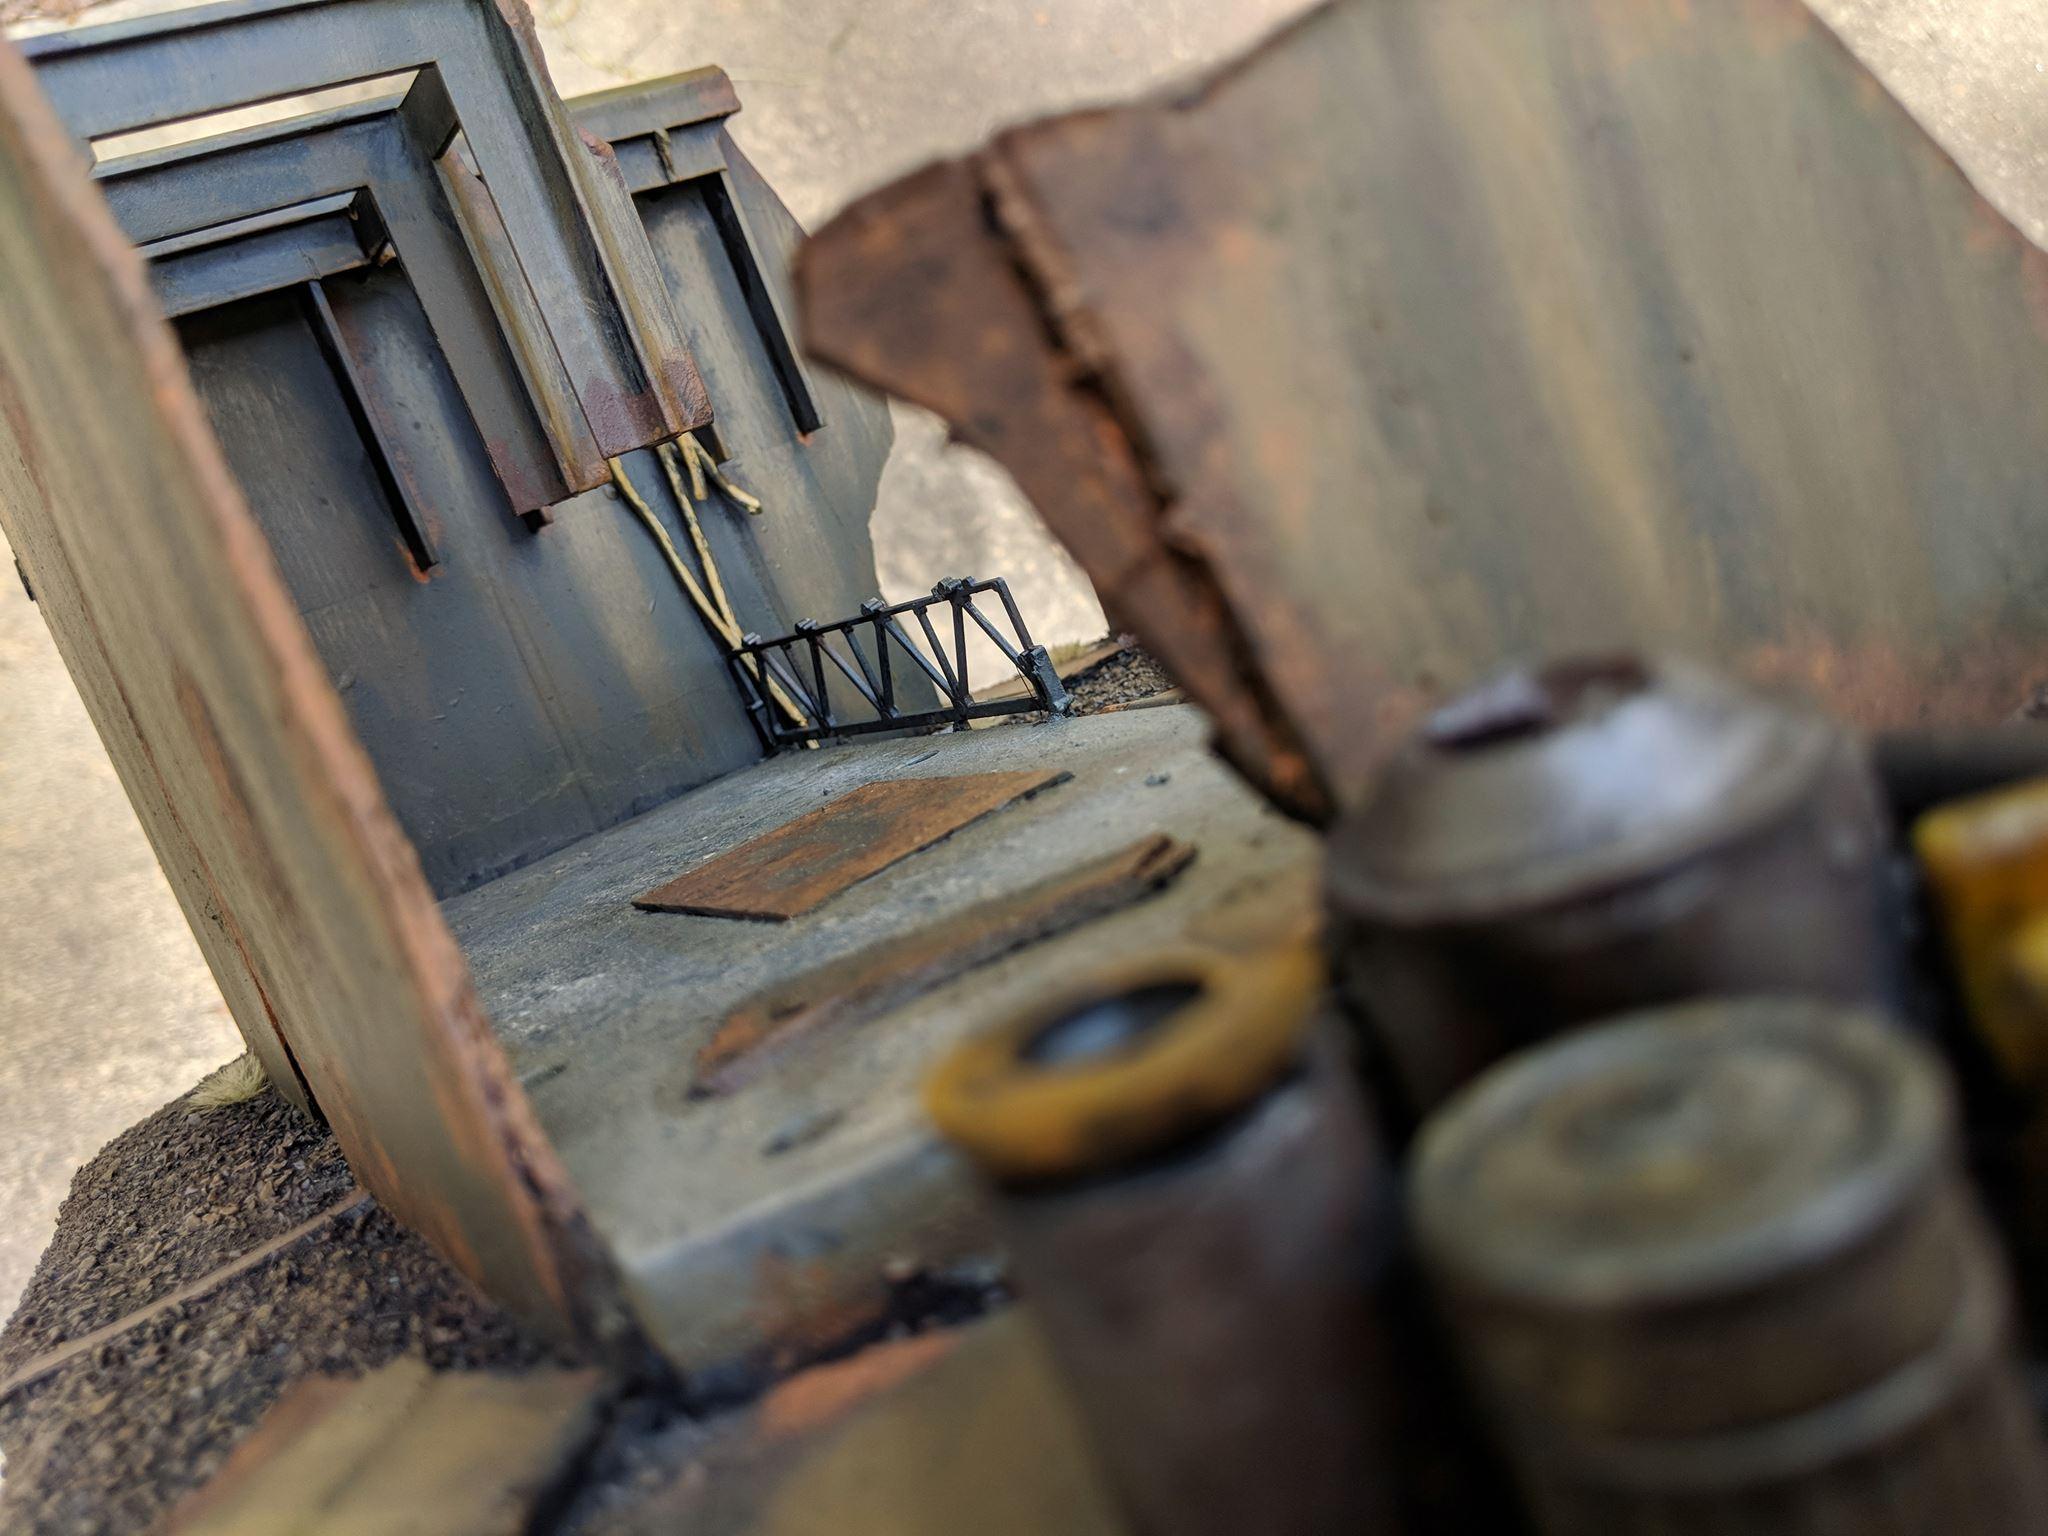 Fallout, Fallout 4, Post Apoc, Rust, Skillzyo, Technique, Terrain